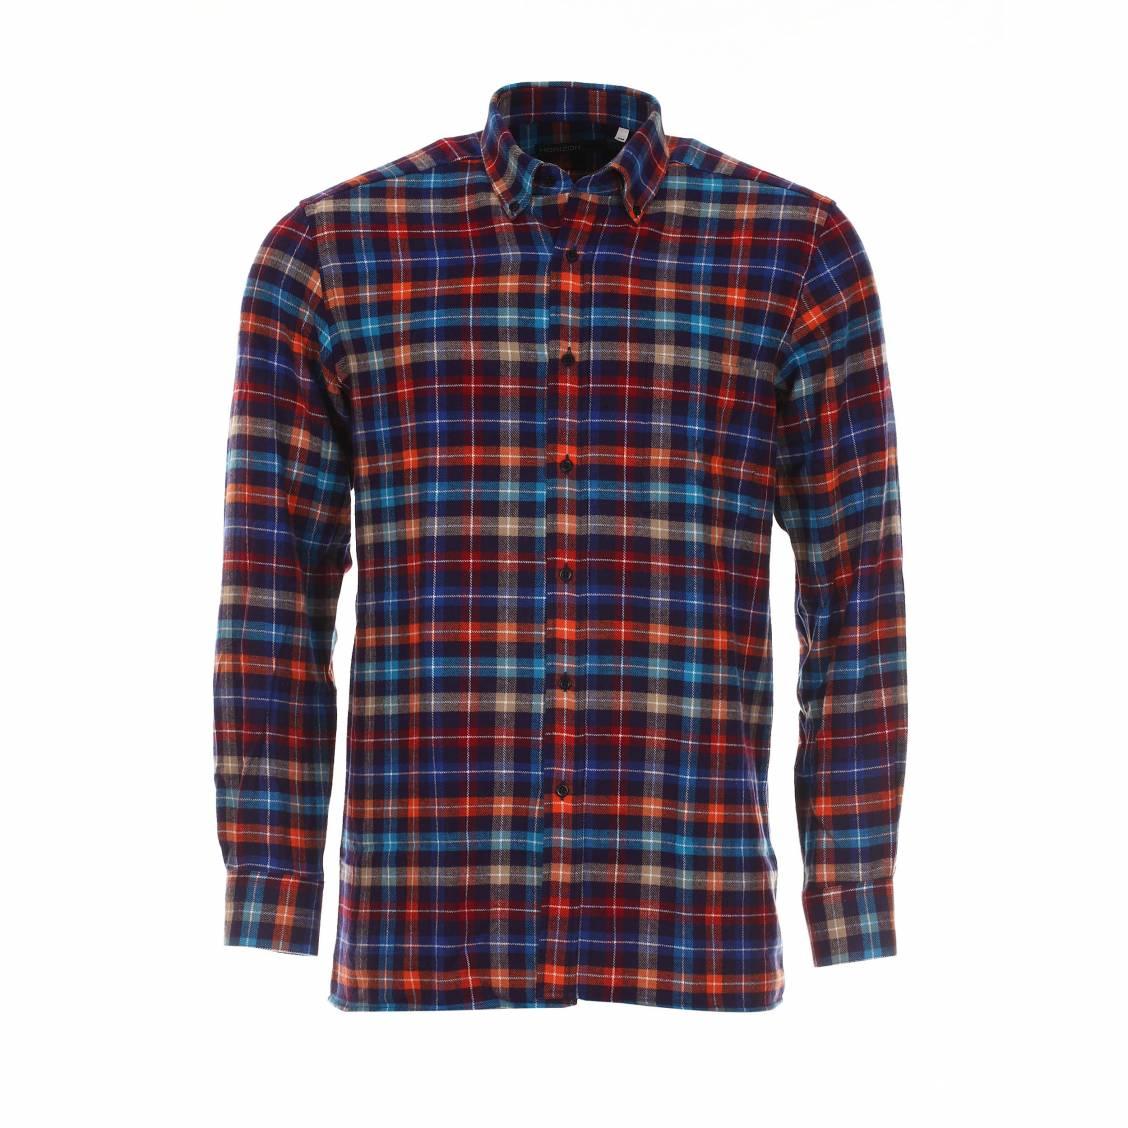 Chemise chaude  en coton à carreaux multicolores: bleus, violets, rouges